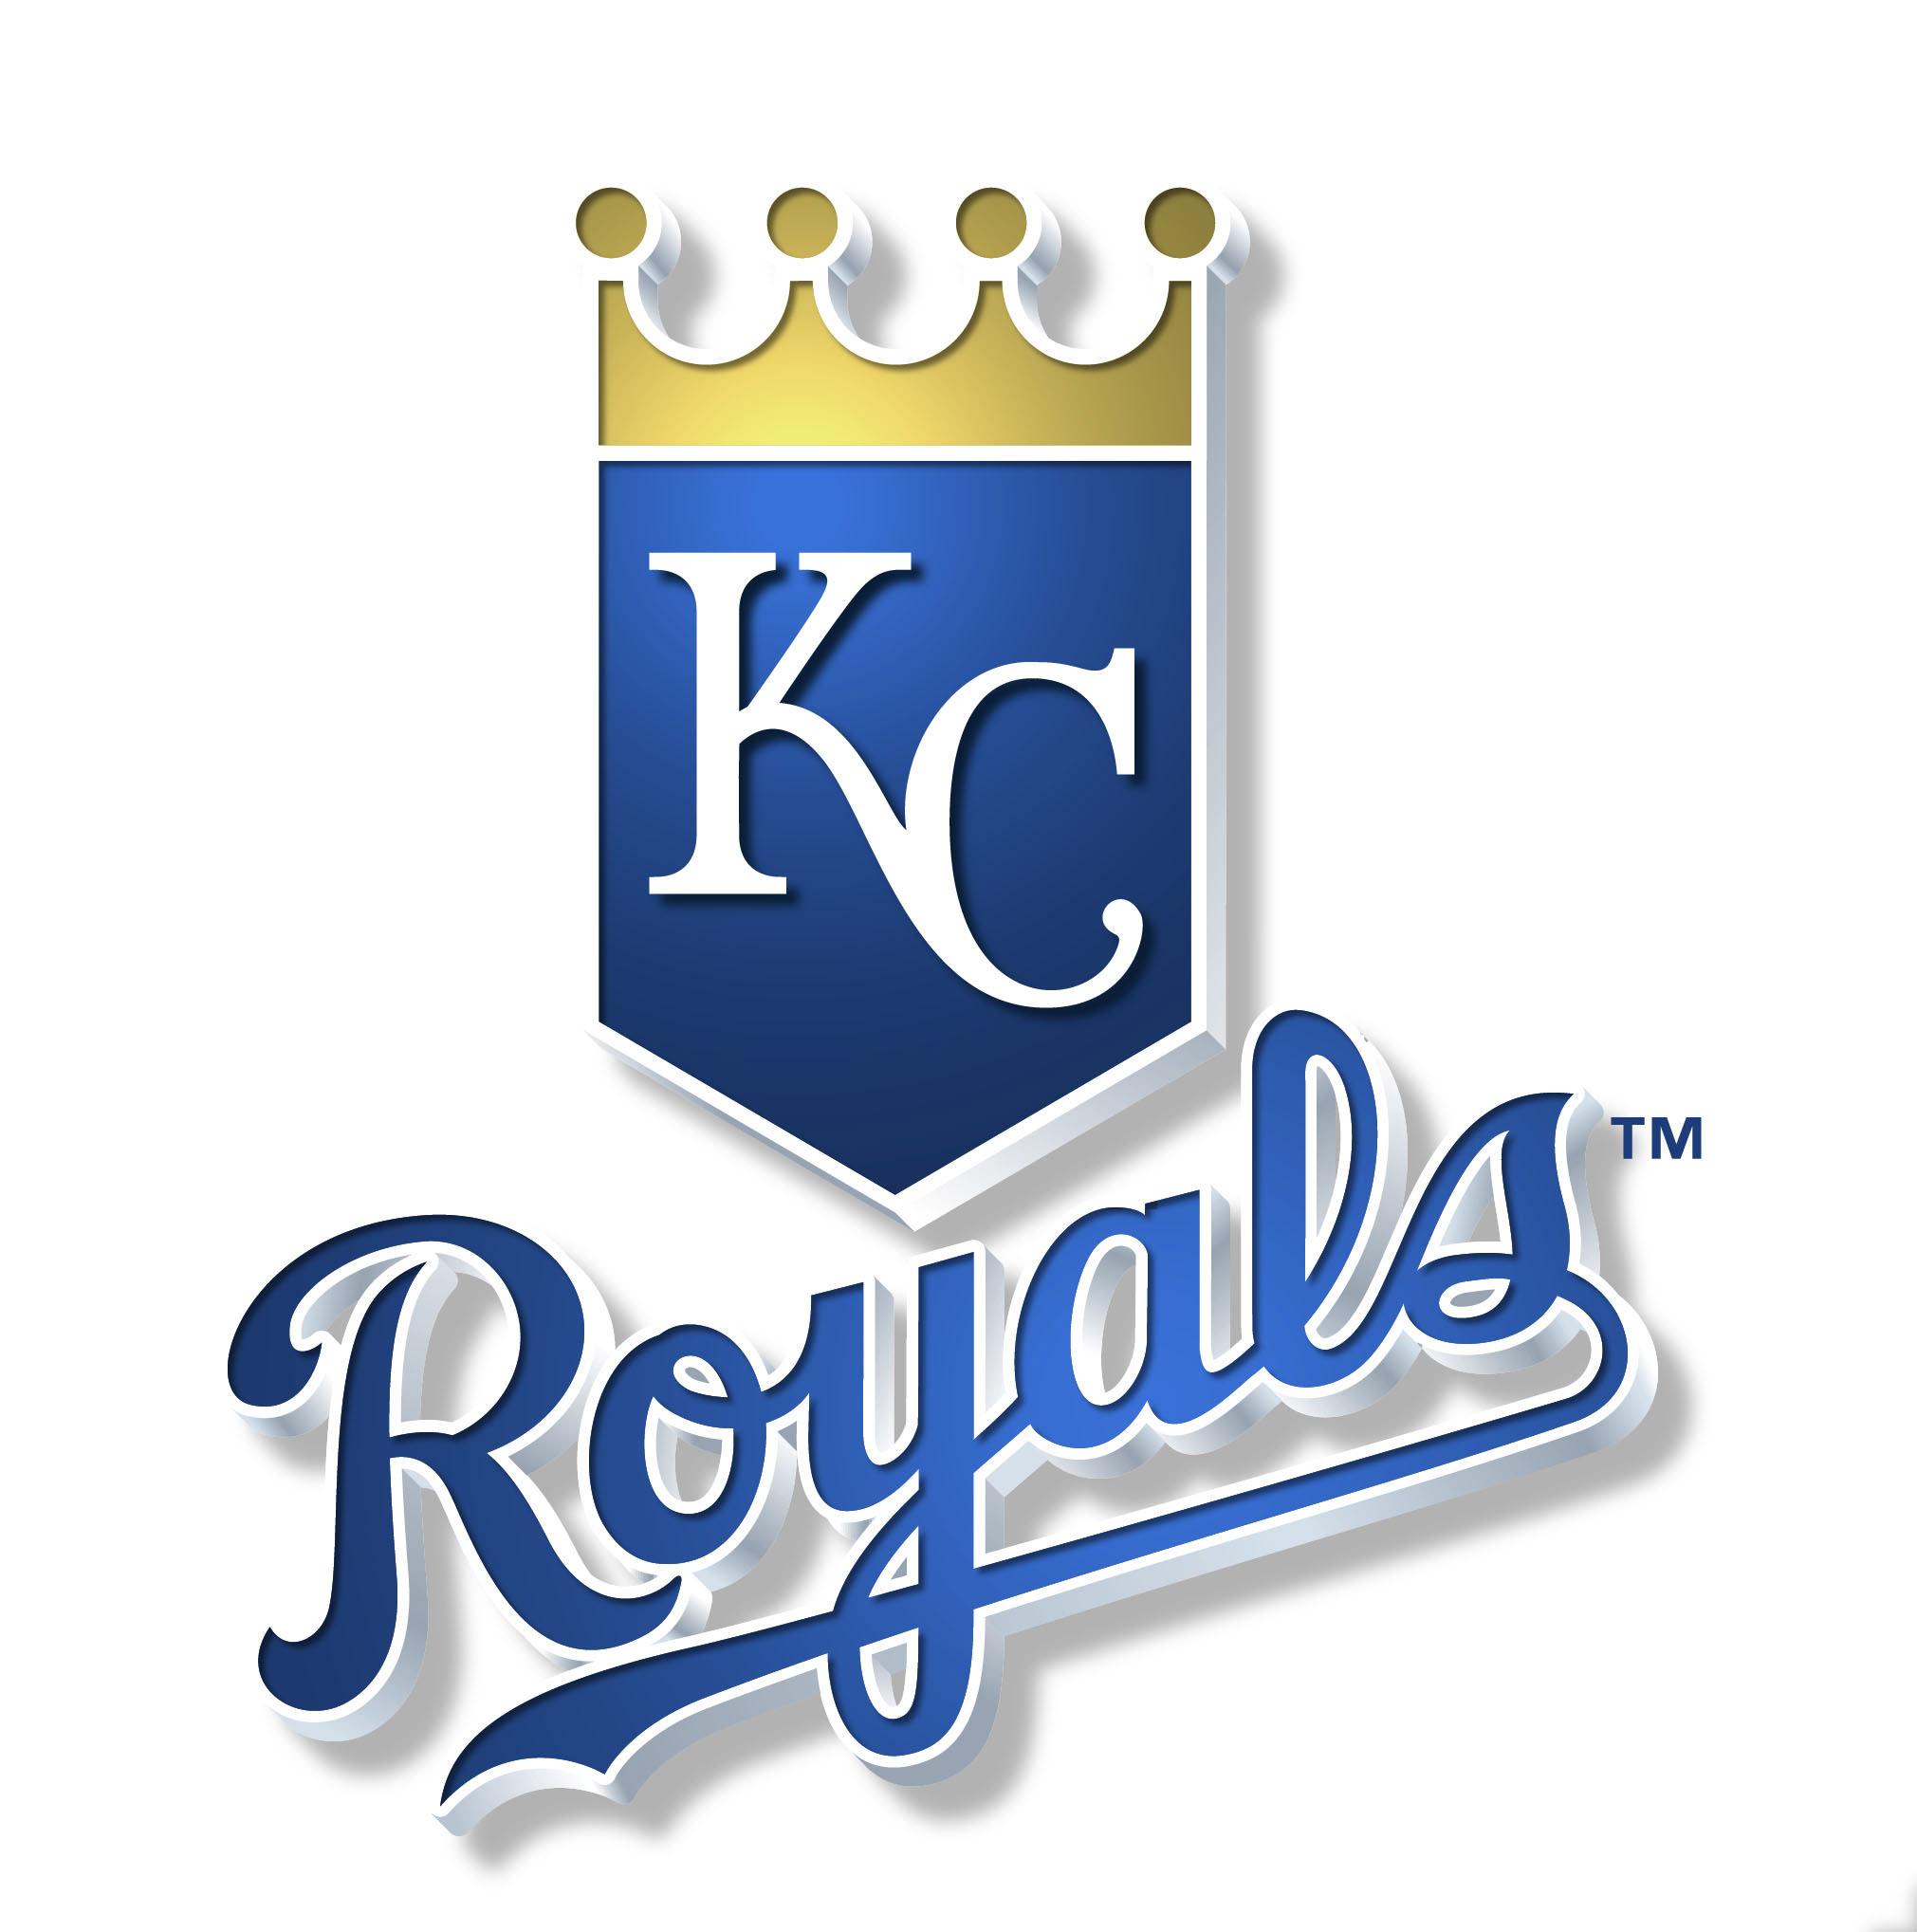 Kansas City Royals Logos